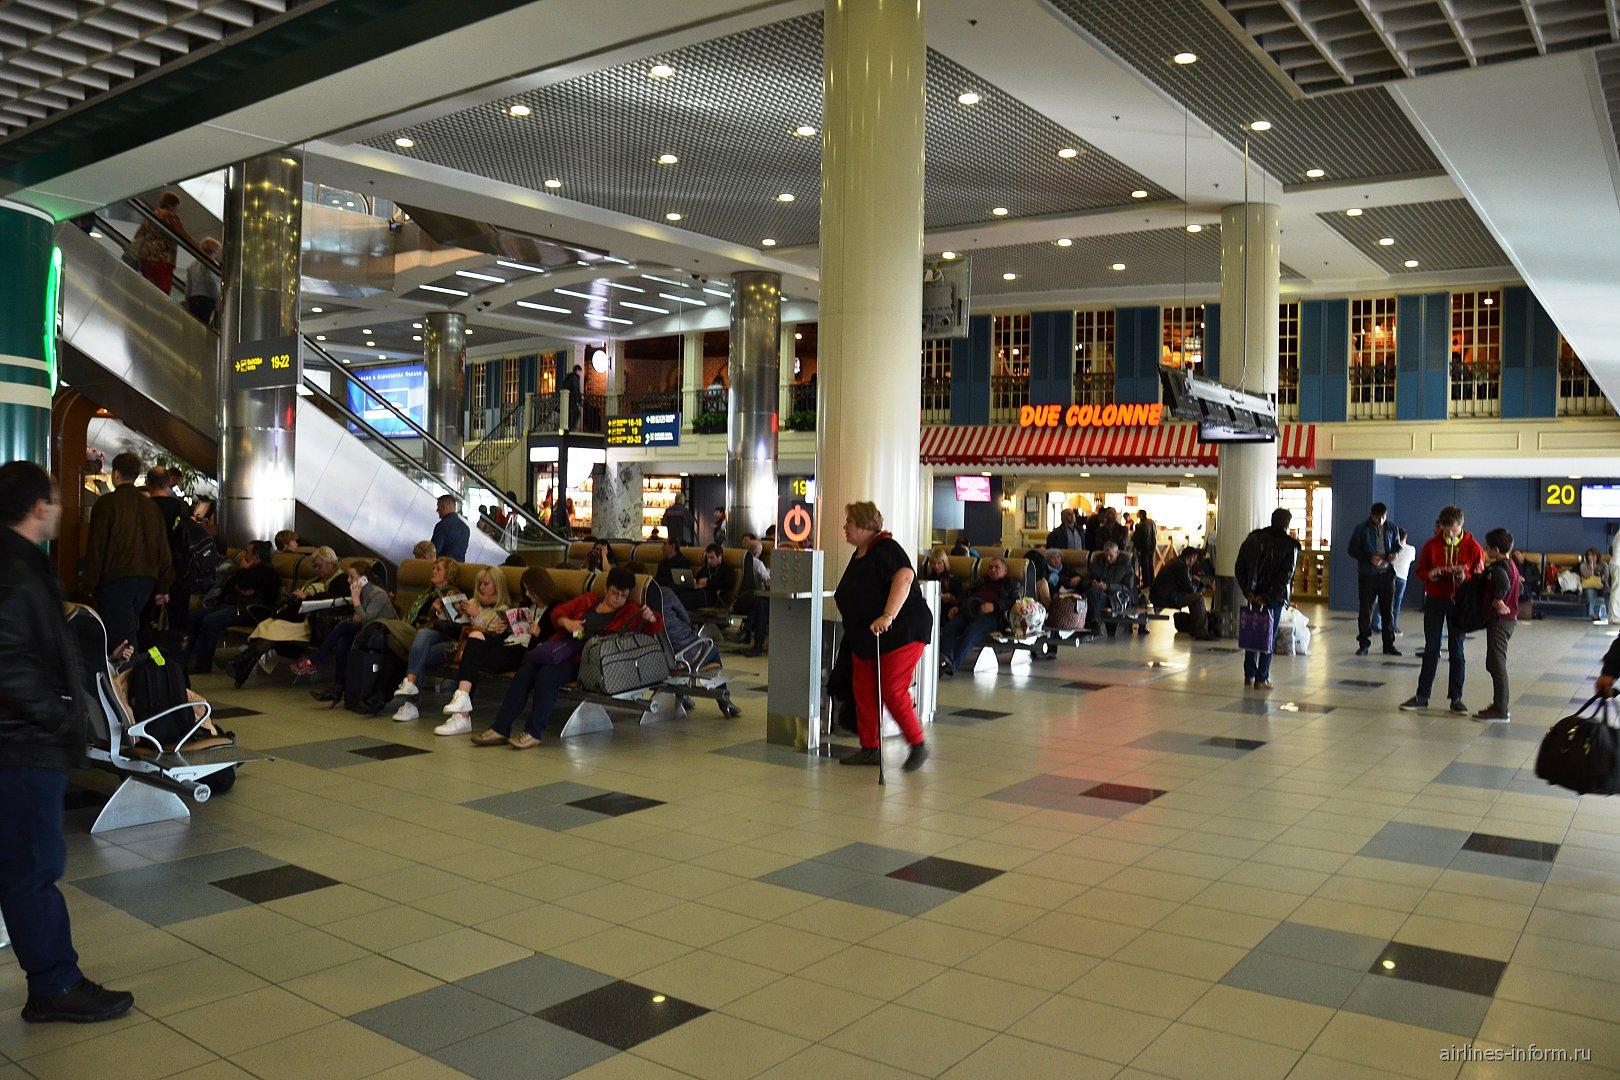 Зал ожидания перед выходами на посадку в аэропорту Домодедово